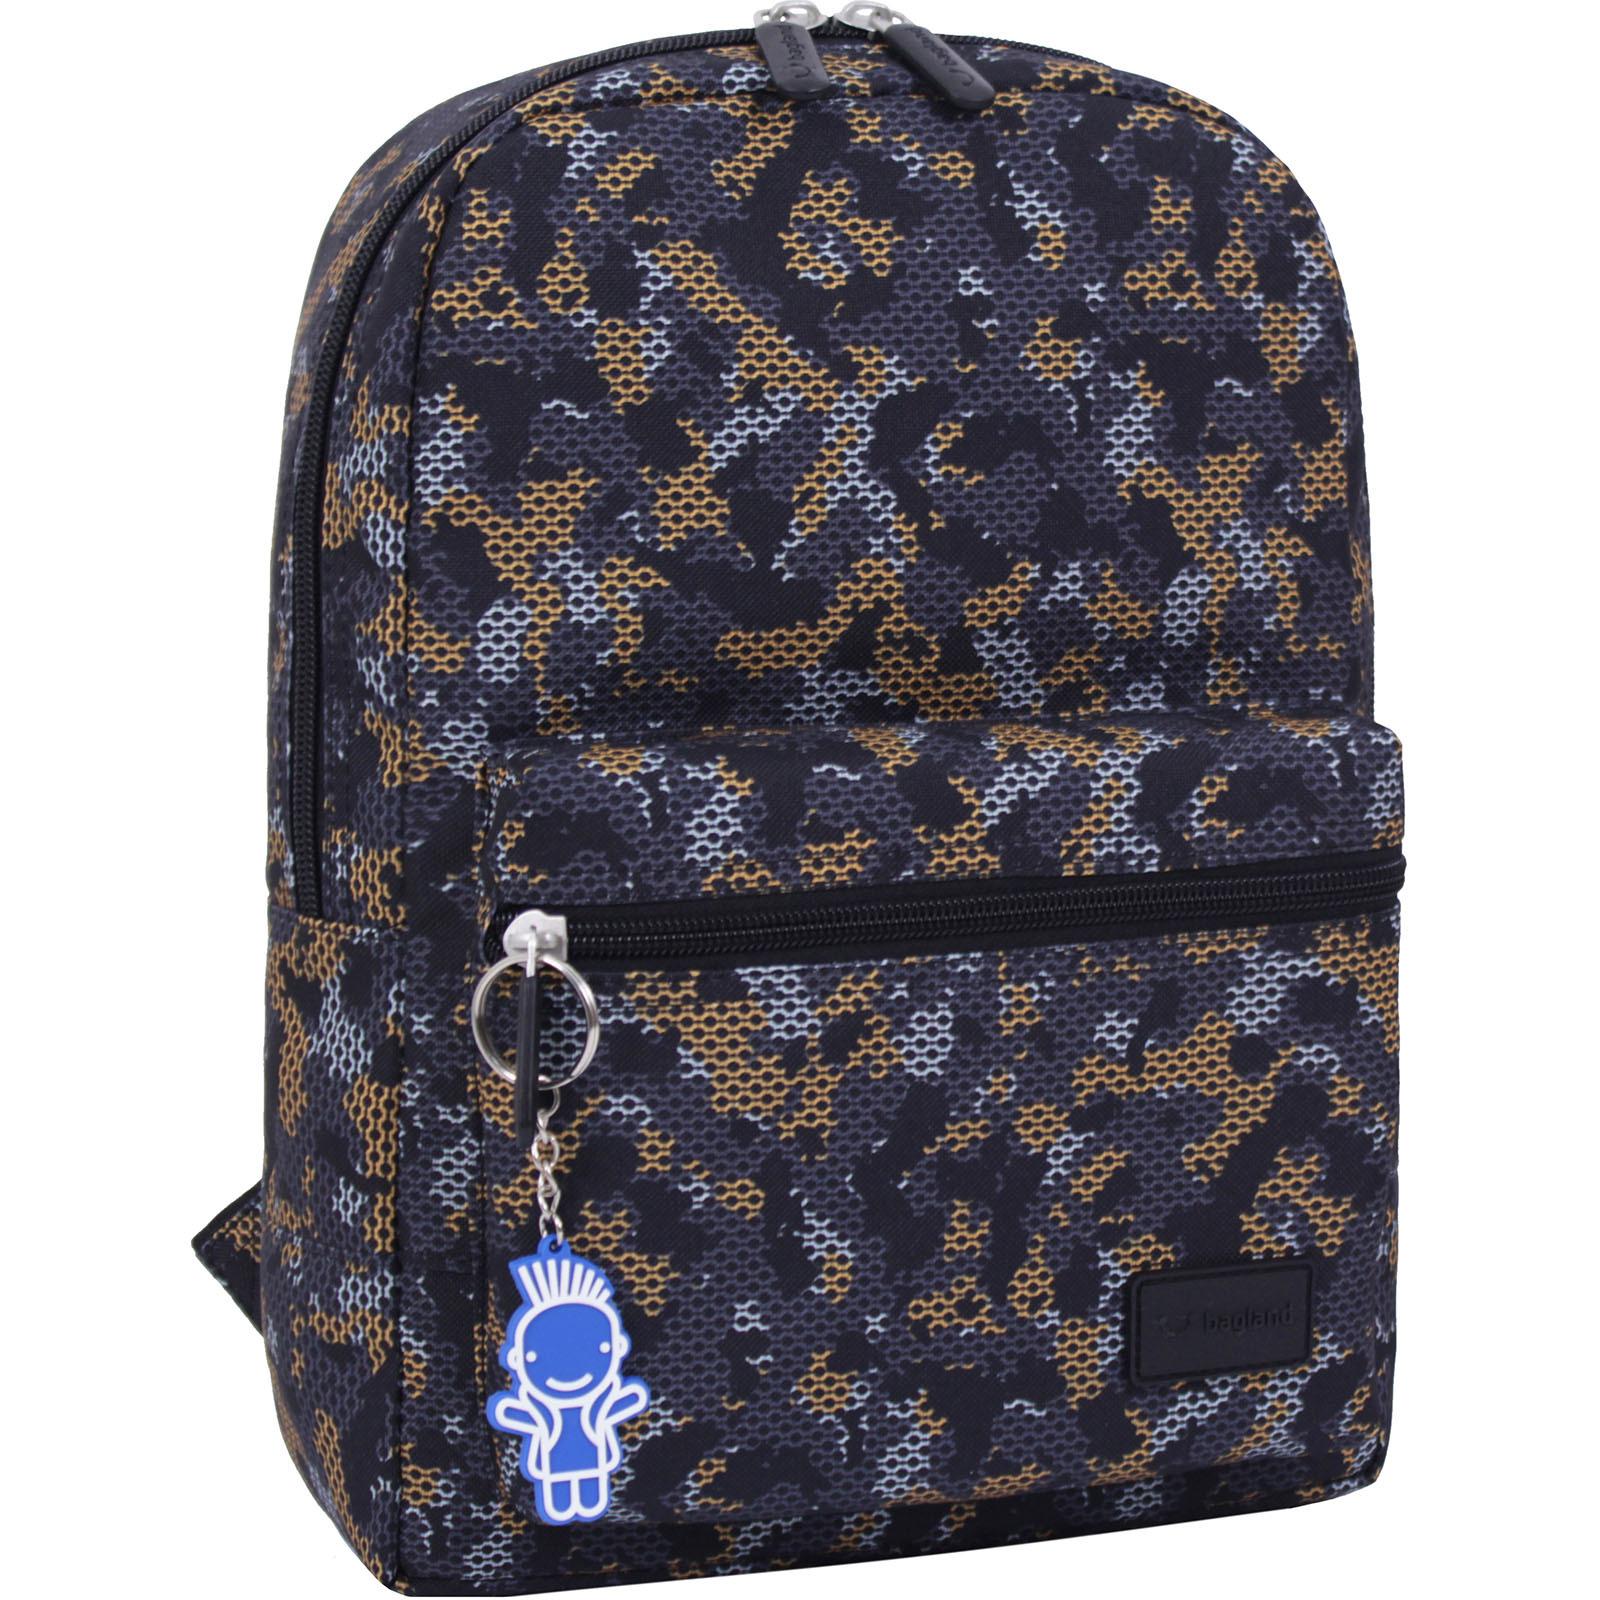 Детские рюкзаки Рюкзак Bagland Молодежный mini 8 л. сублимация 455 (00508664) IMG_3757_суб.455_.JPG